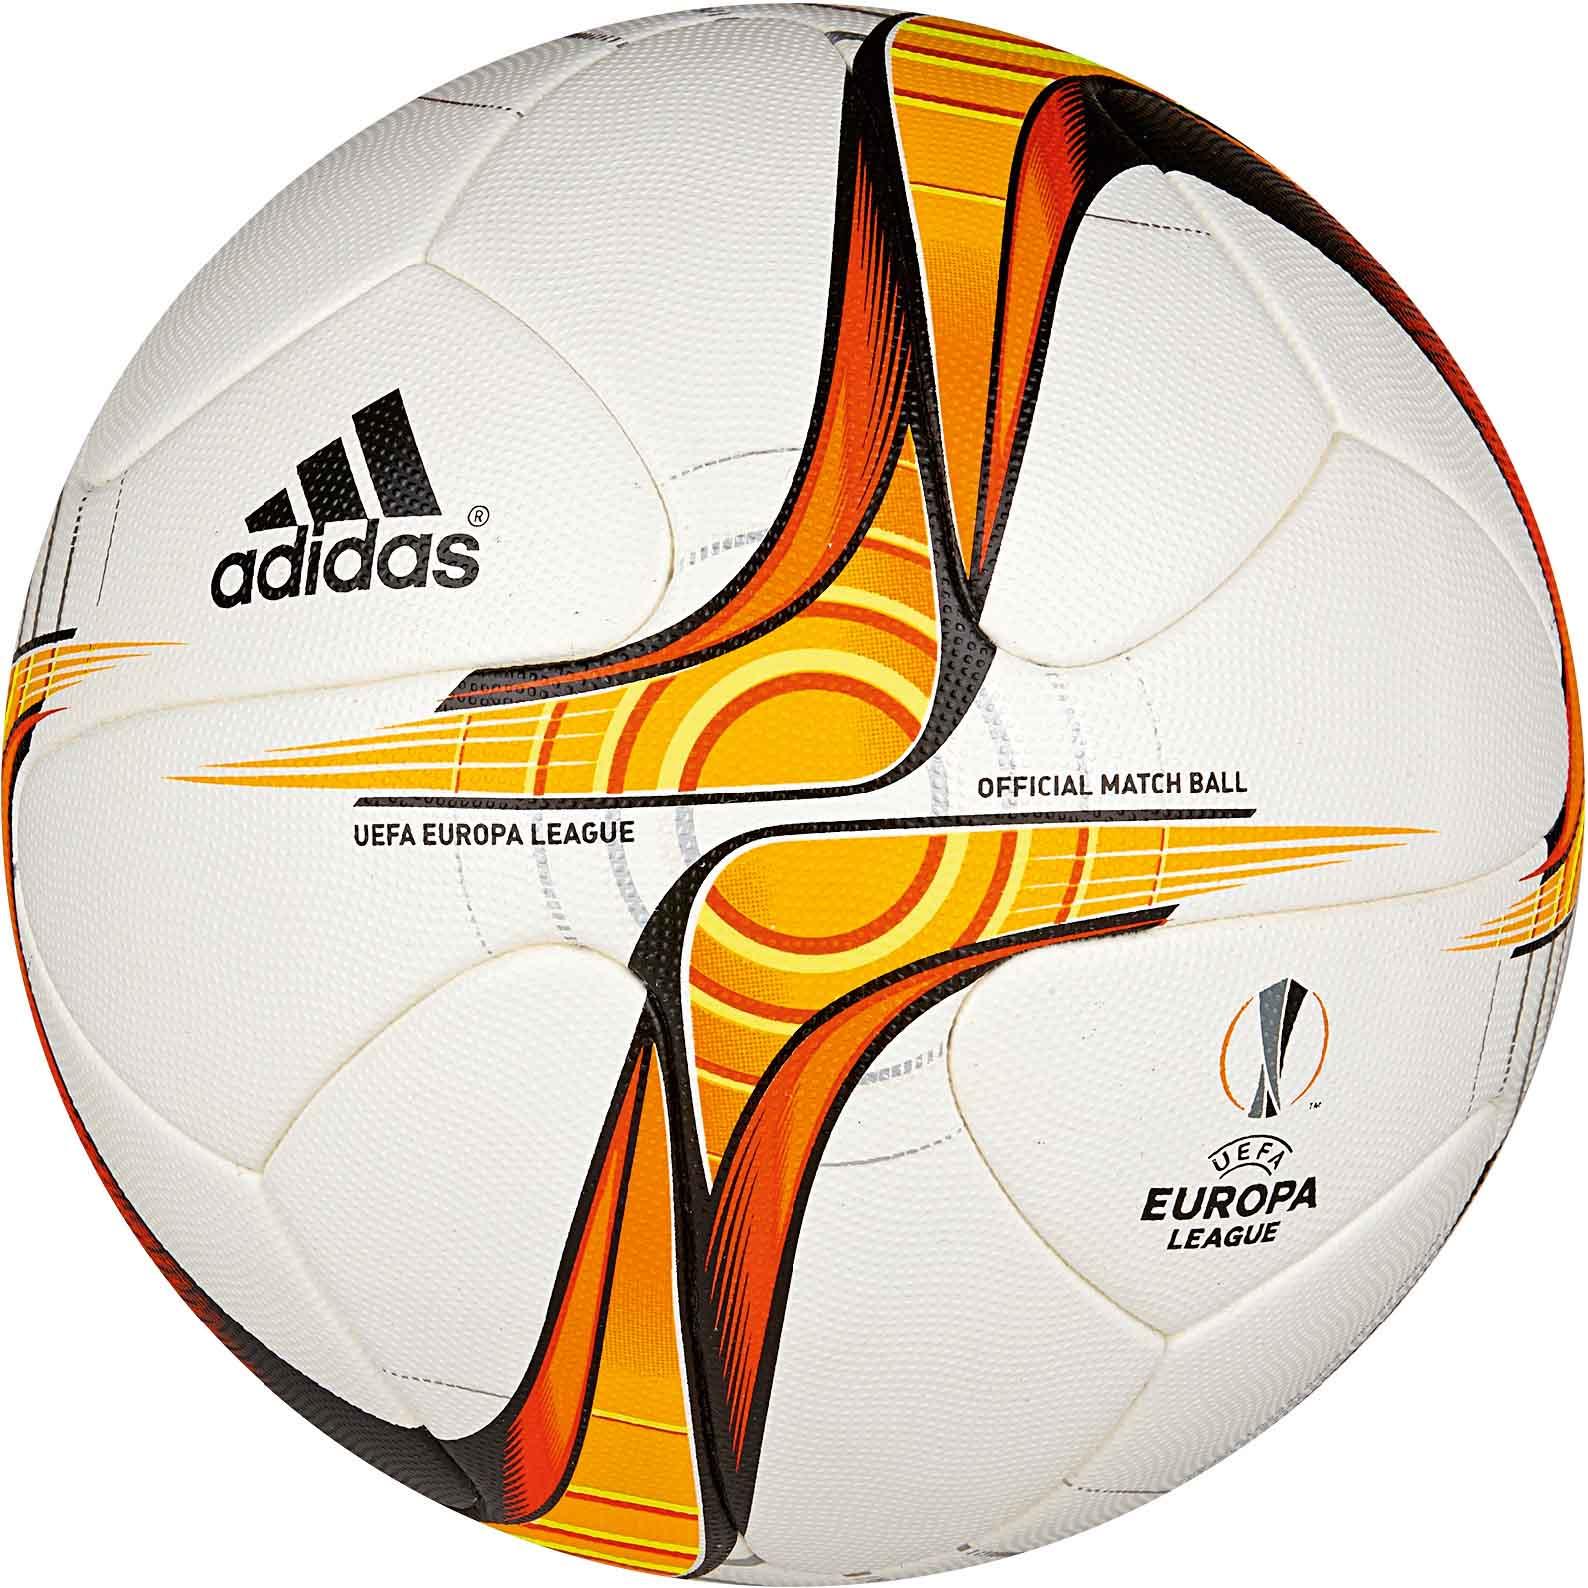 europa league fussball